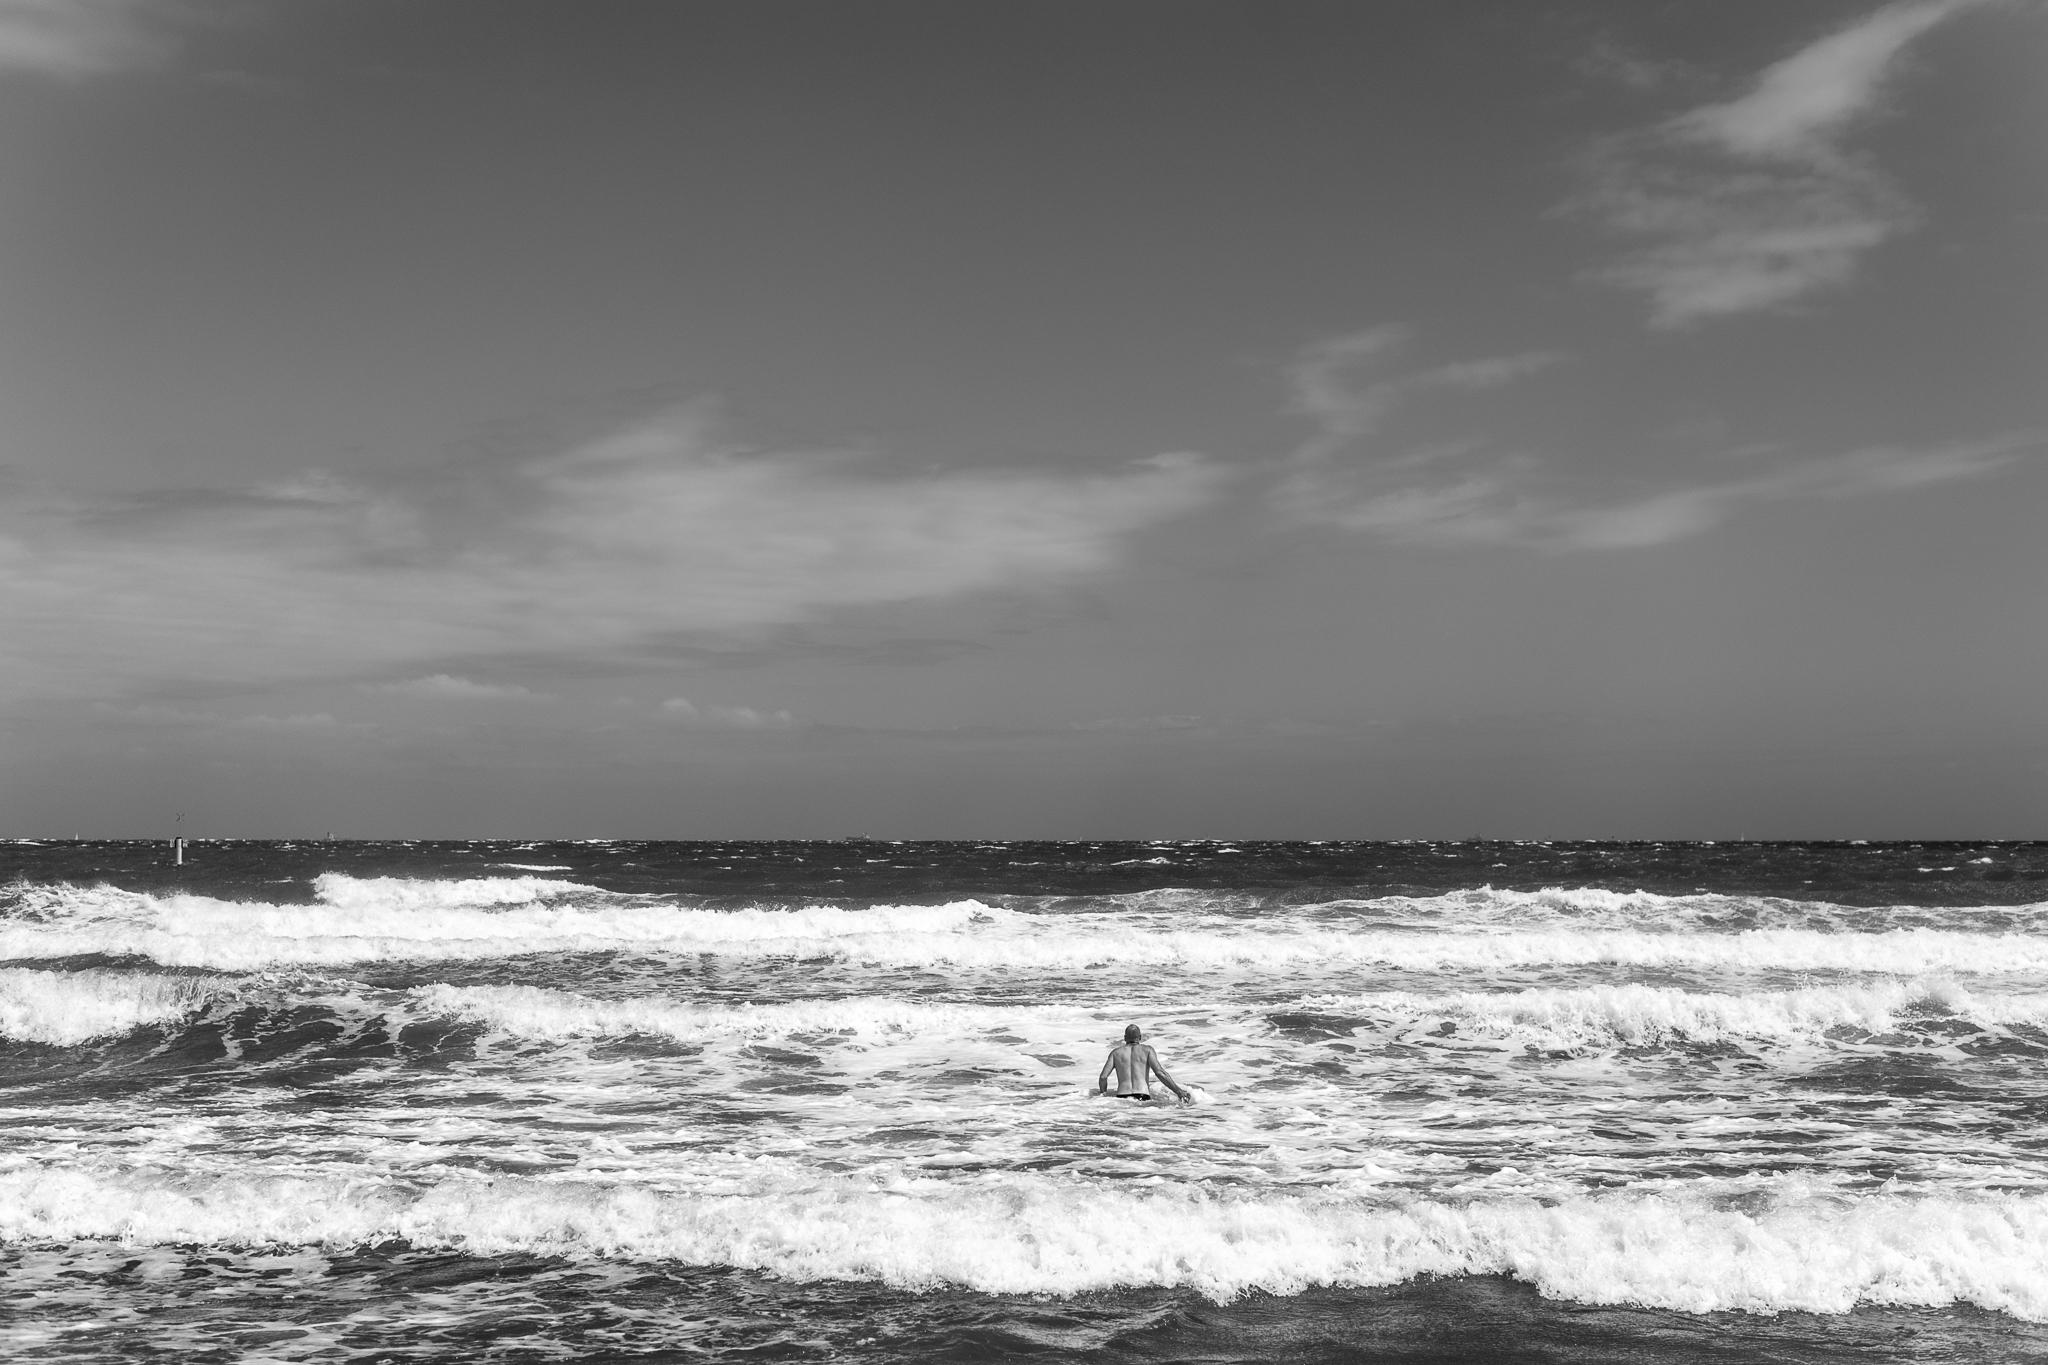 Azza in unusually aggressive surf for Port Phillip Bay, driven b